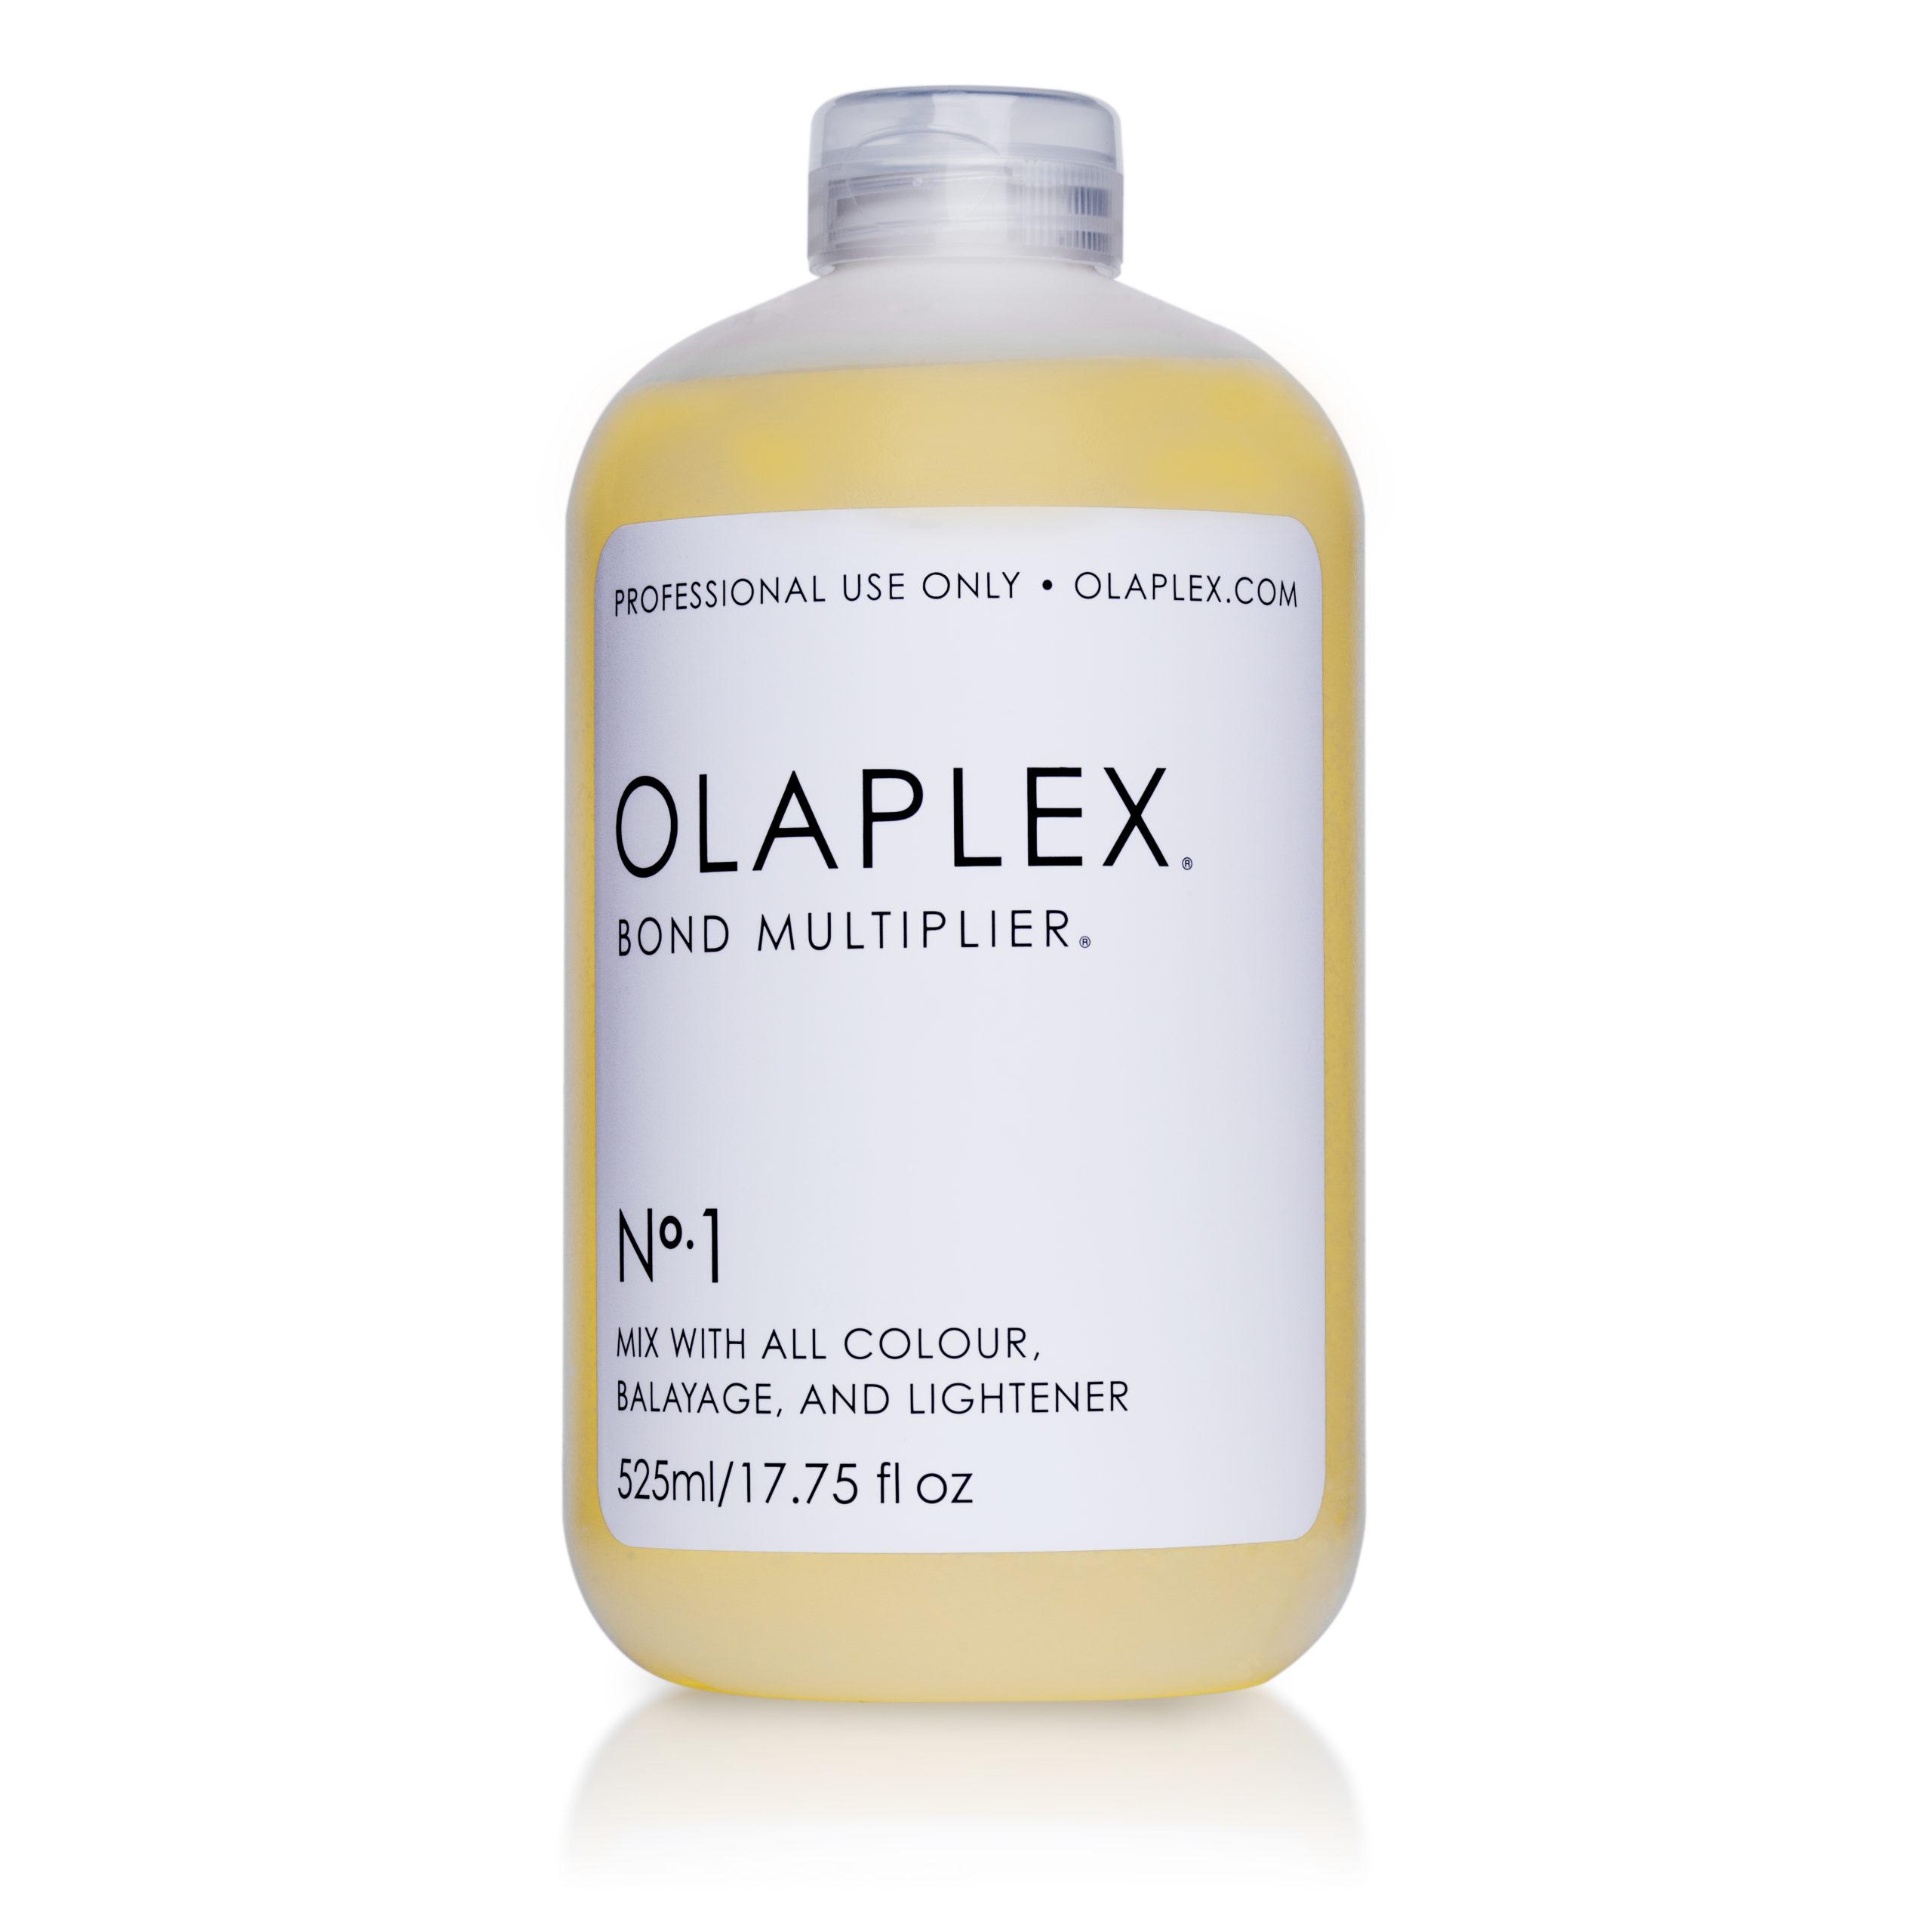 OLAPLEX_No1 Salon Intro Kit